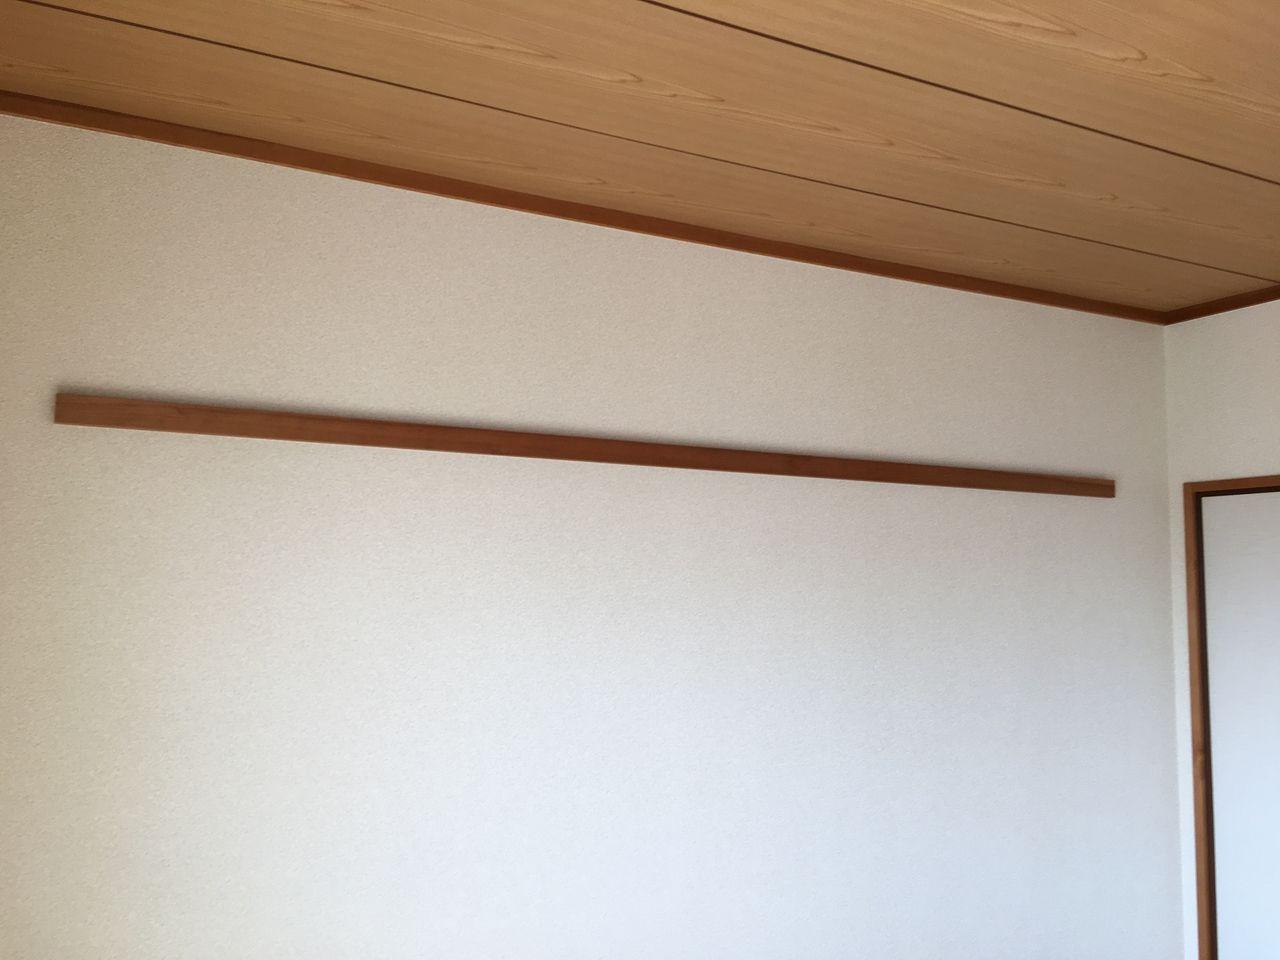 洋服かけ用の木製バーのある和室